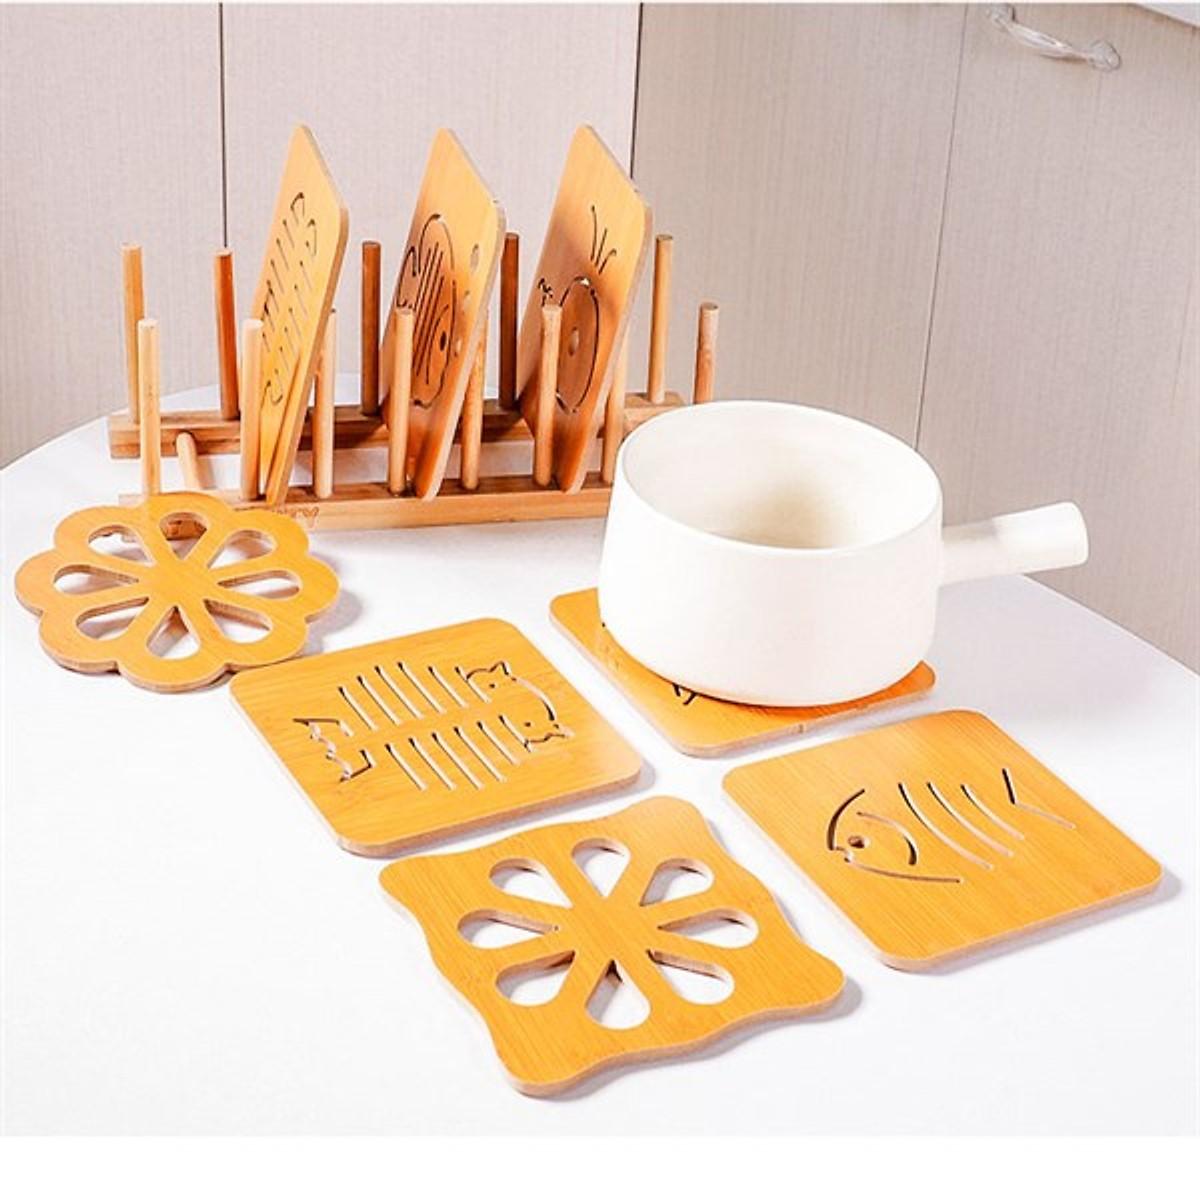 Combo 6 đế lót nồi bằng gỗ chịu nhiệt hình thú (giao mẫu ngẫu nhiên)